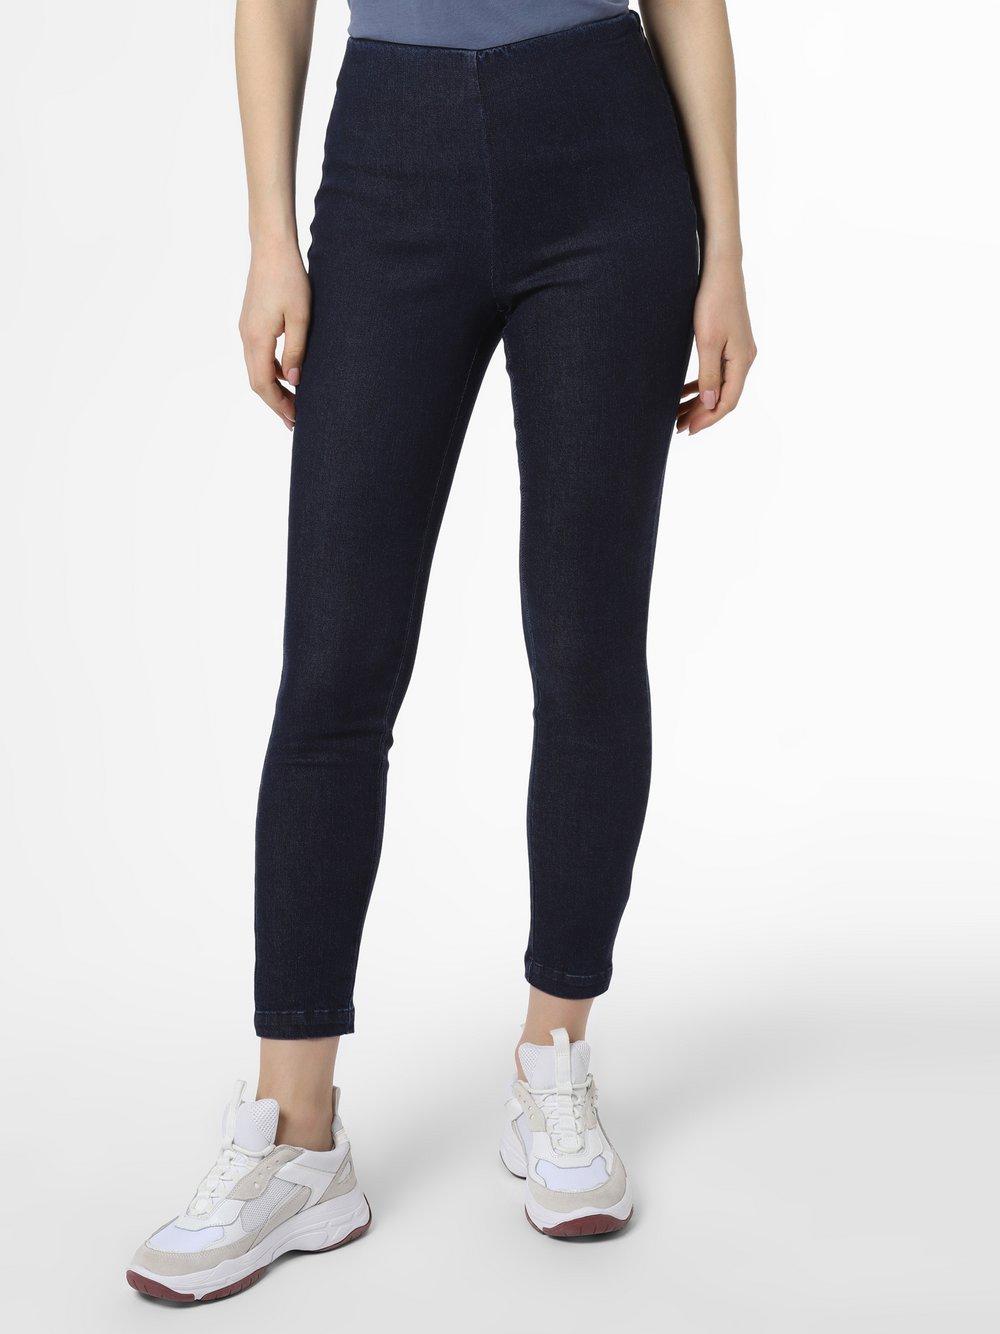 DKNY - Spodnie damskie, niebieski